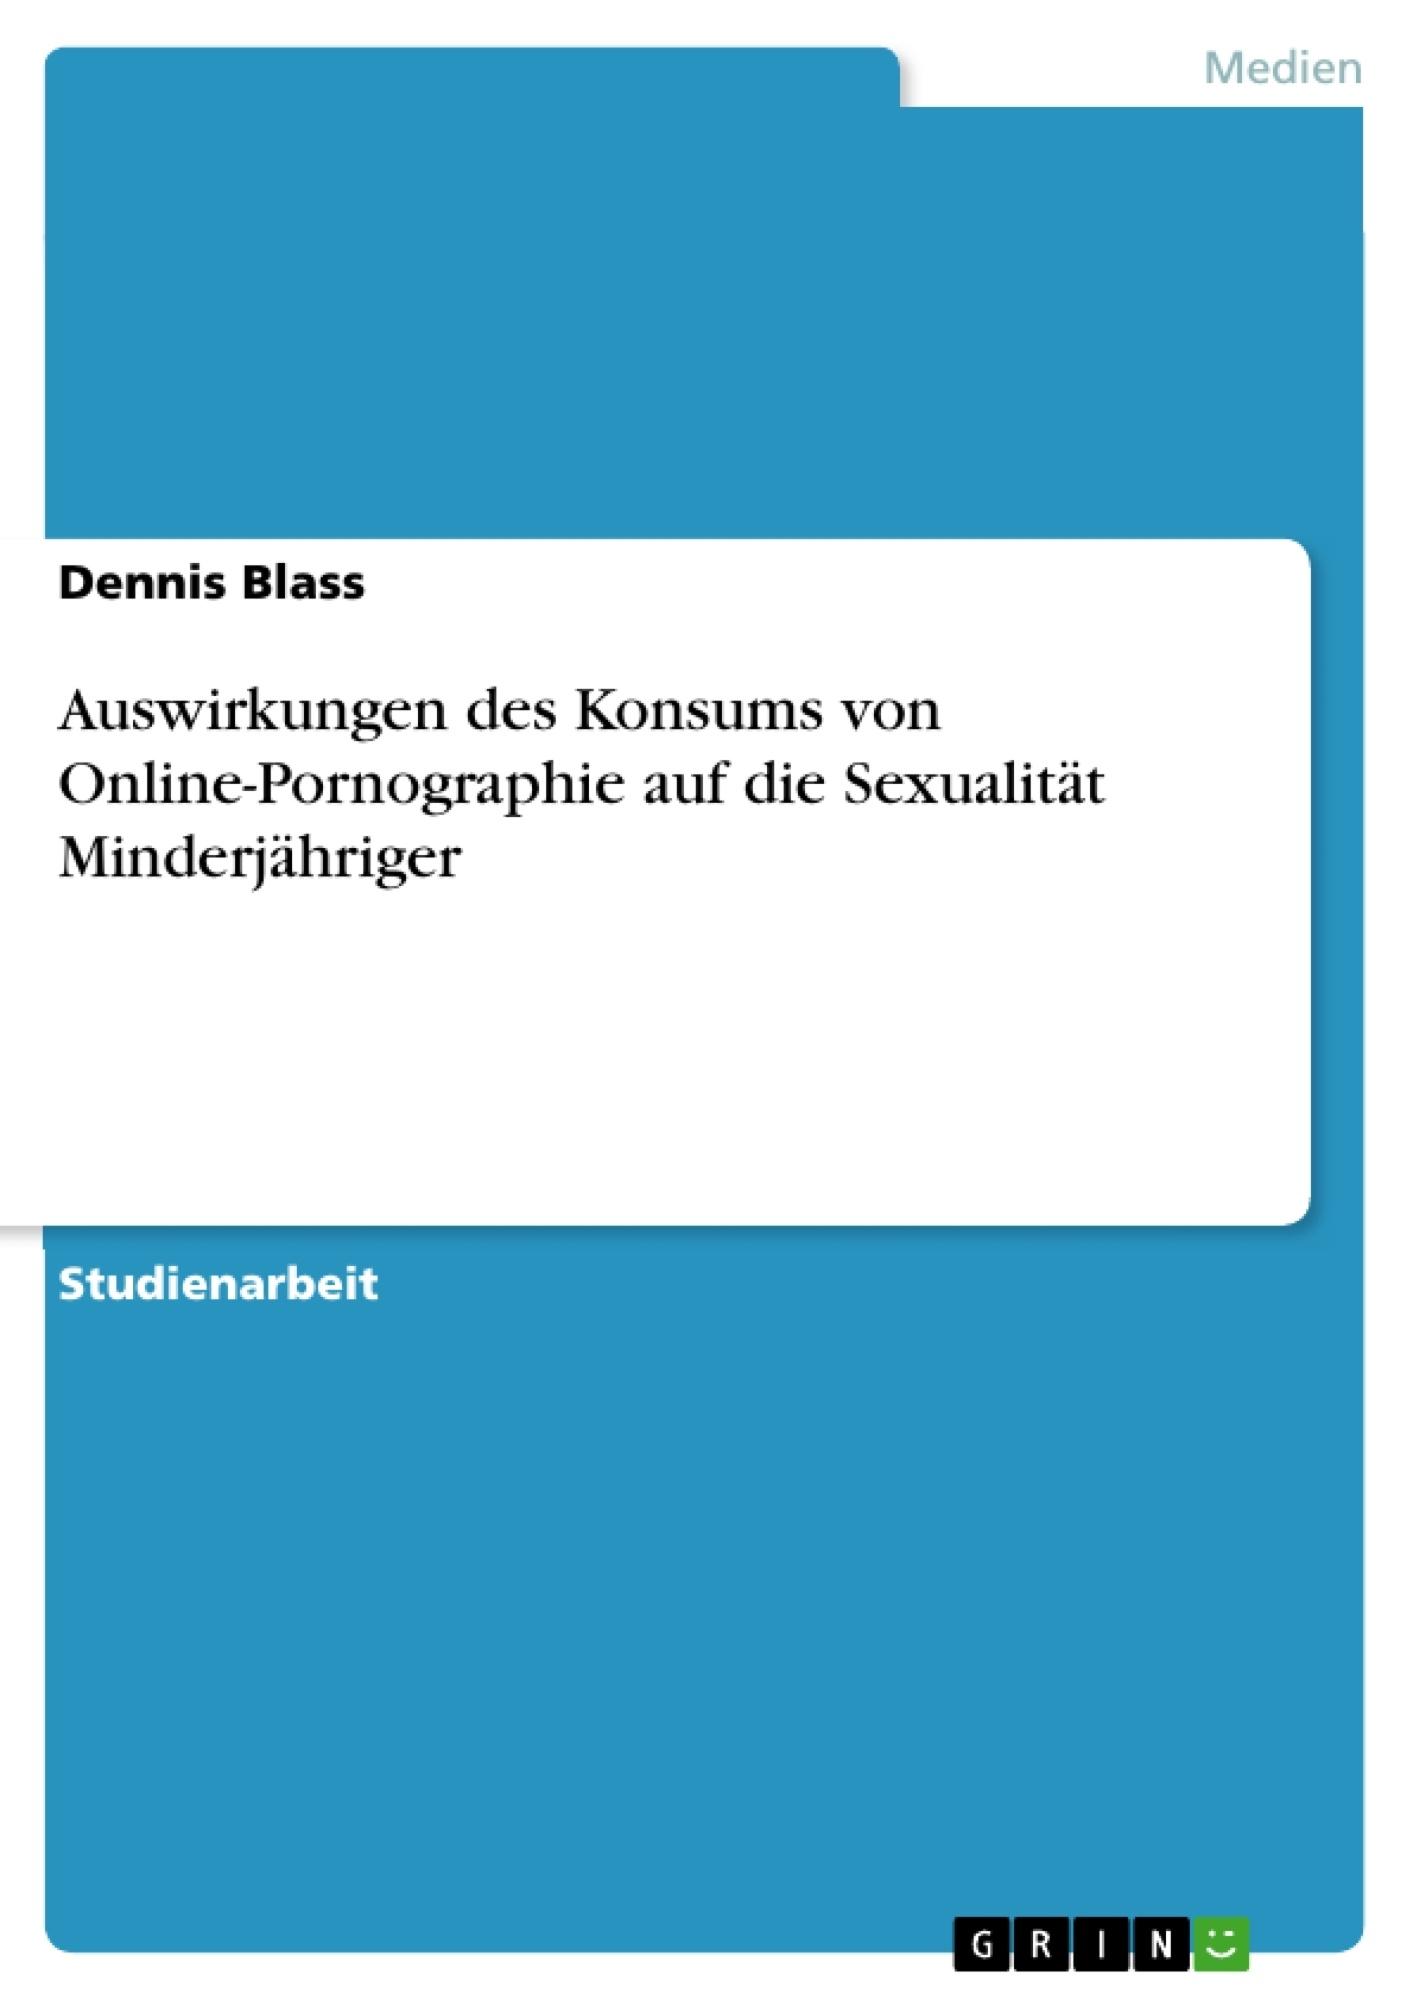 Titel: Auswirkungen des Konsums von Online-Pornographie auf die Sexualität Minderjähriger